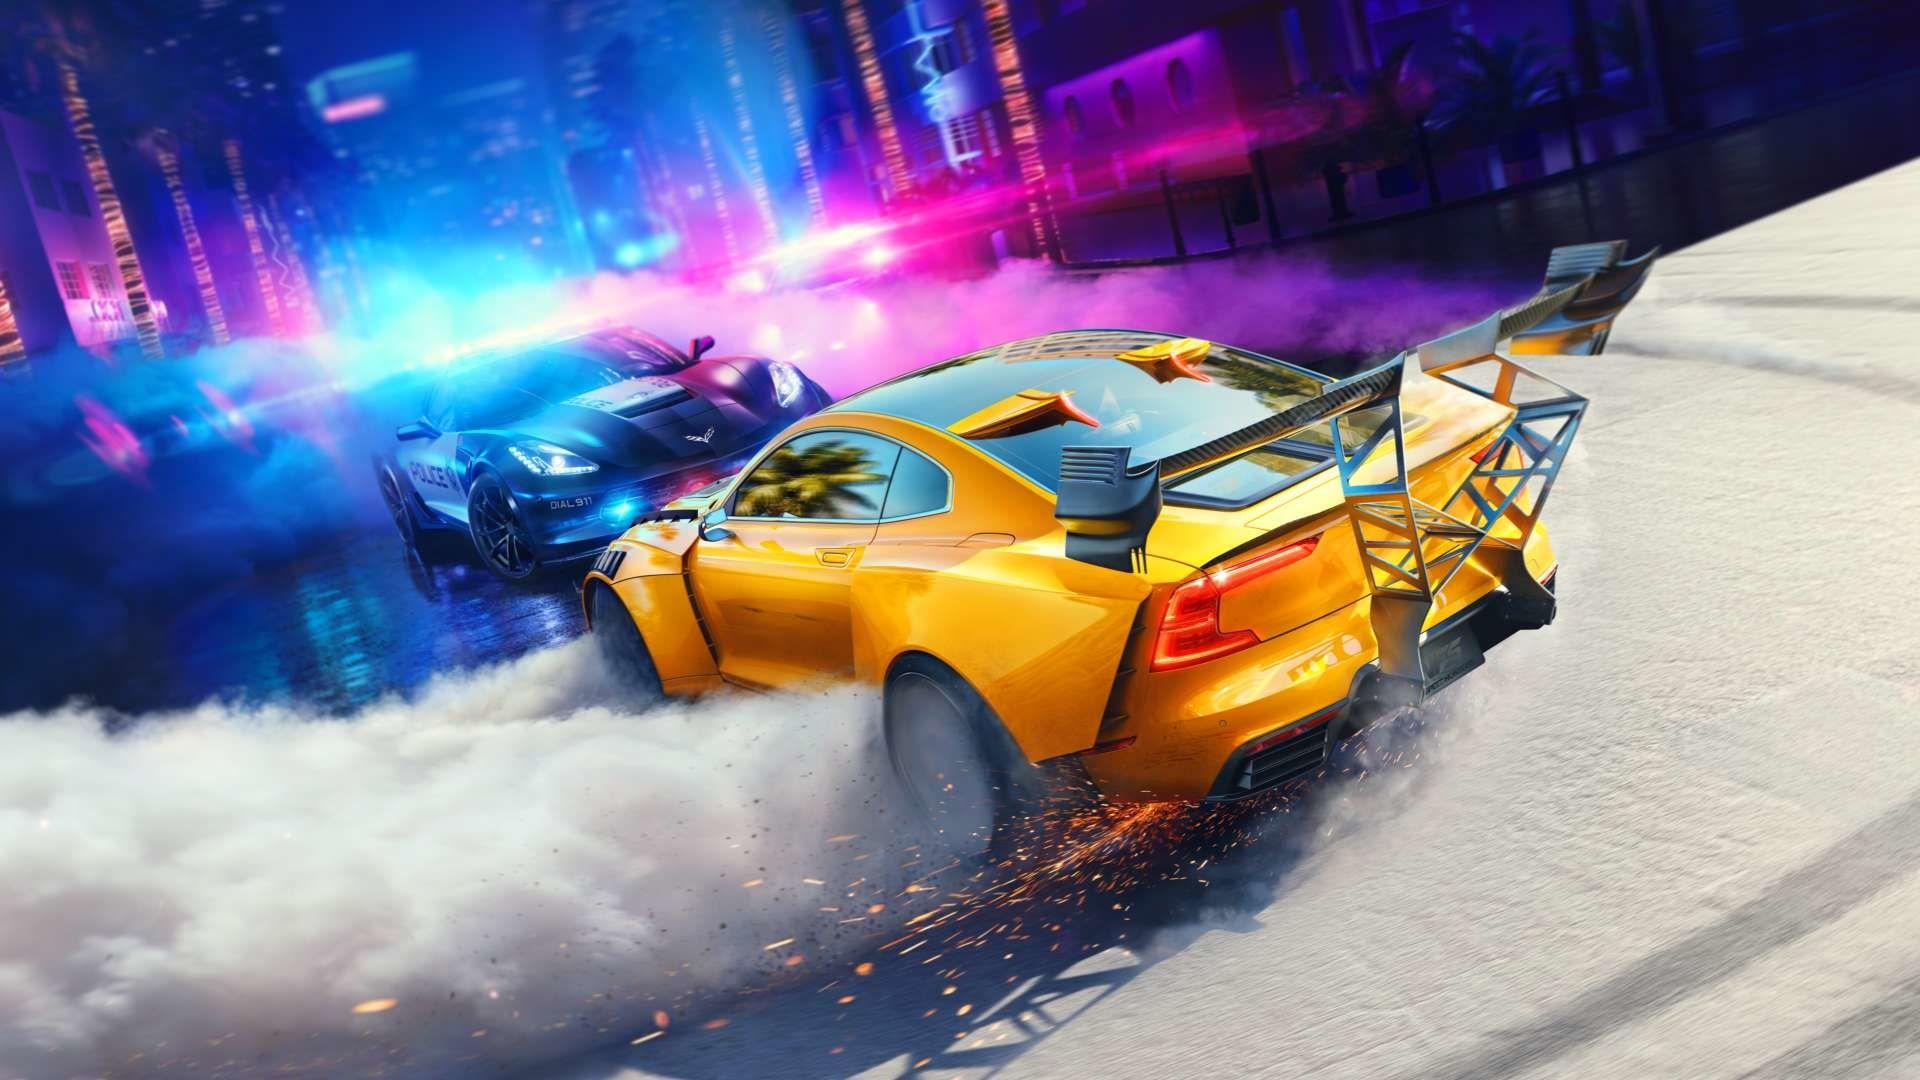 Yeni Need for Speed oyunu Criterion tarafından geliştirilecek